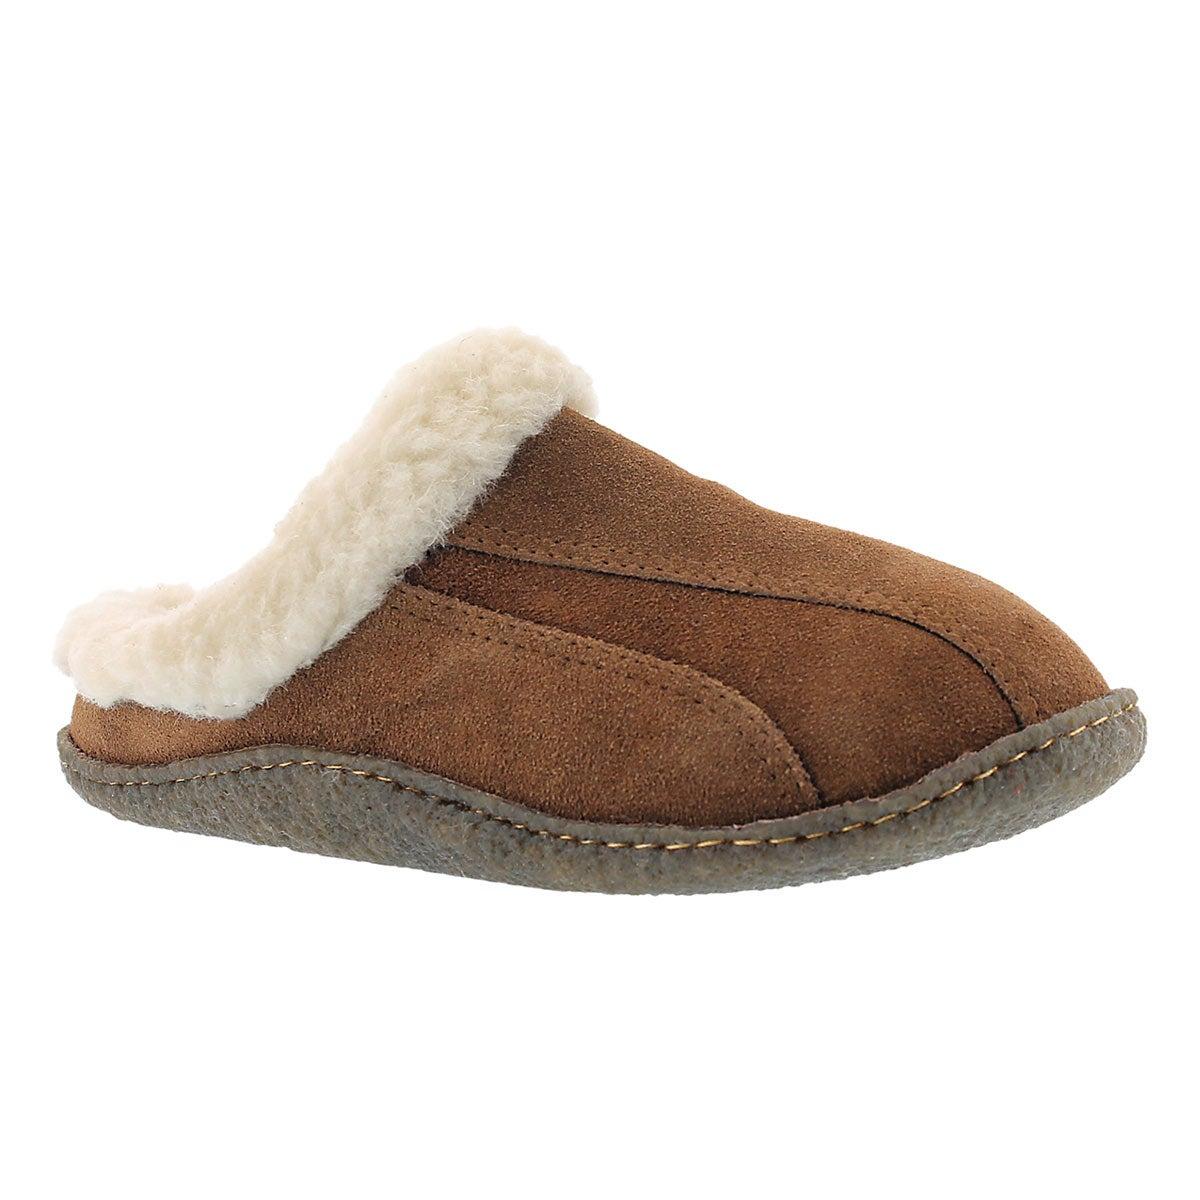 Women's GALAXIE III spice open back slippers